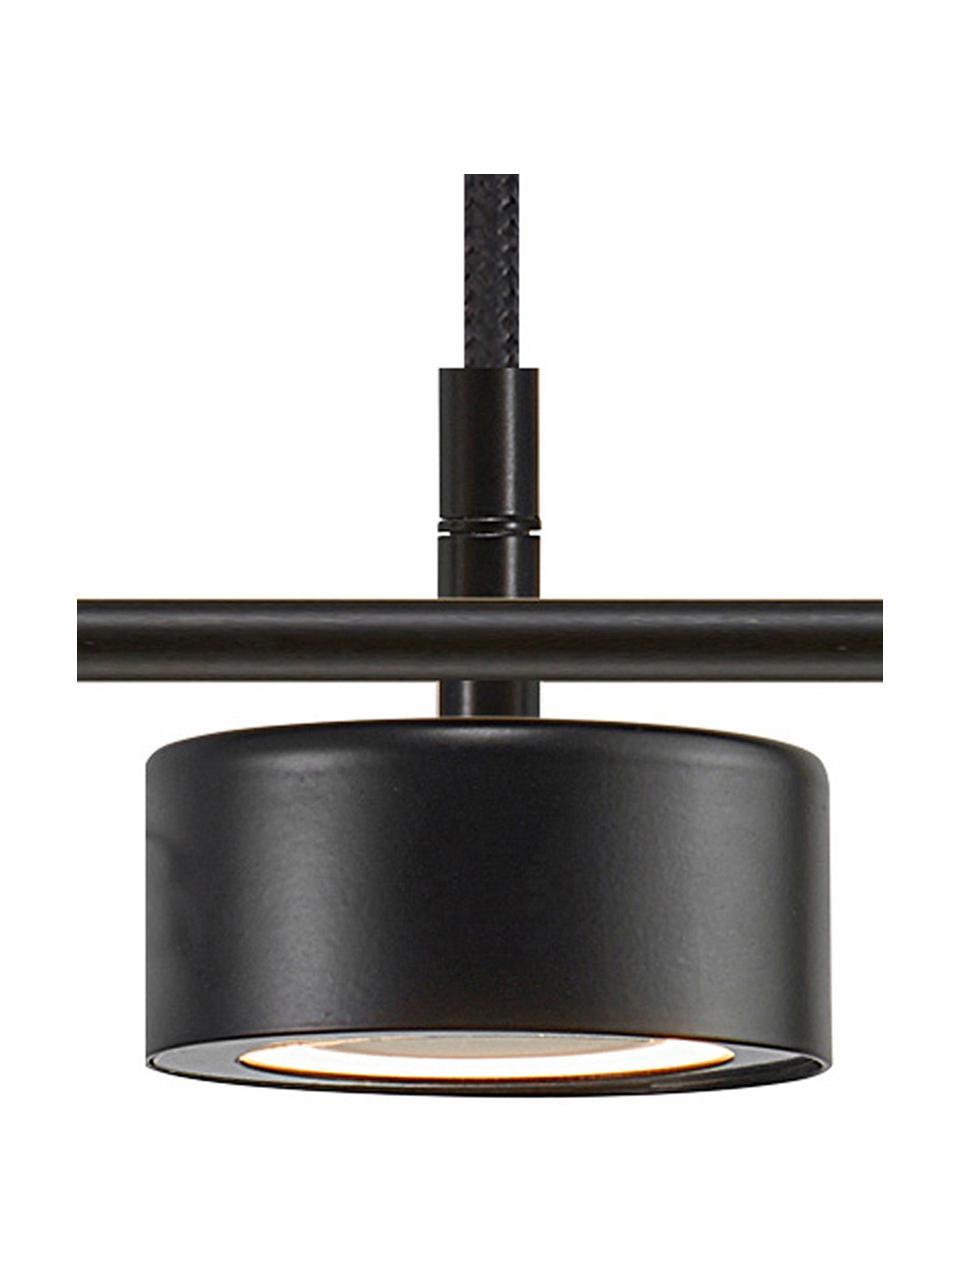 Große Dimmbare LED Pendelleuchte Clyde, Lampenschirm: Metall, beschichtet, Baldachin: Metall, beschichtet, Schwarz, 115 x 10 cm